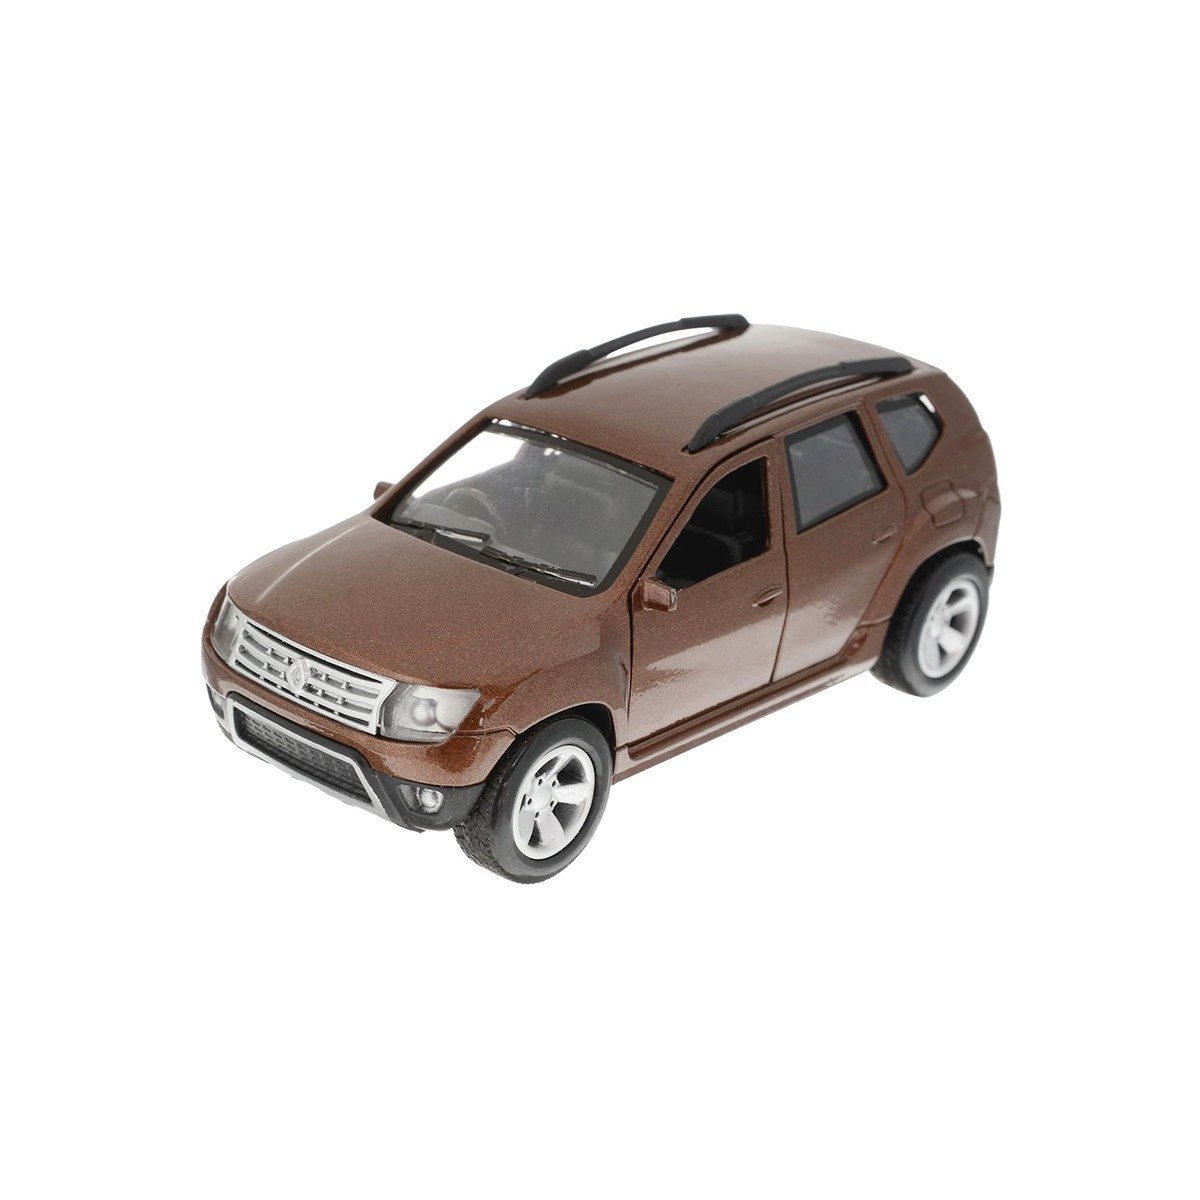 Автомодель - RENAULT DUSTER-M (1:32, коричневый)